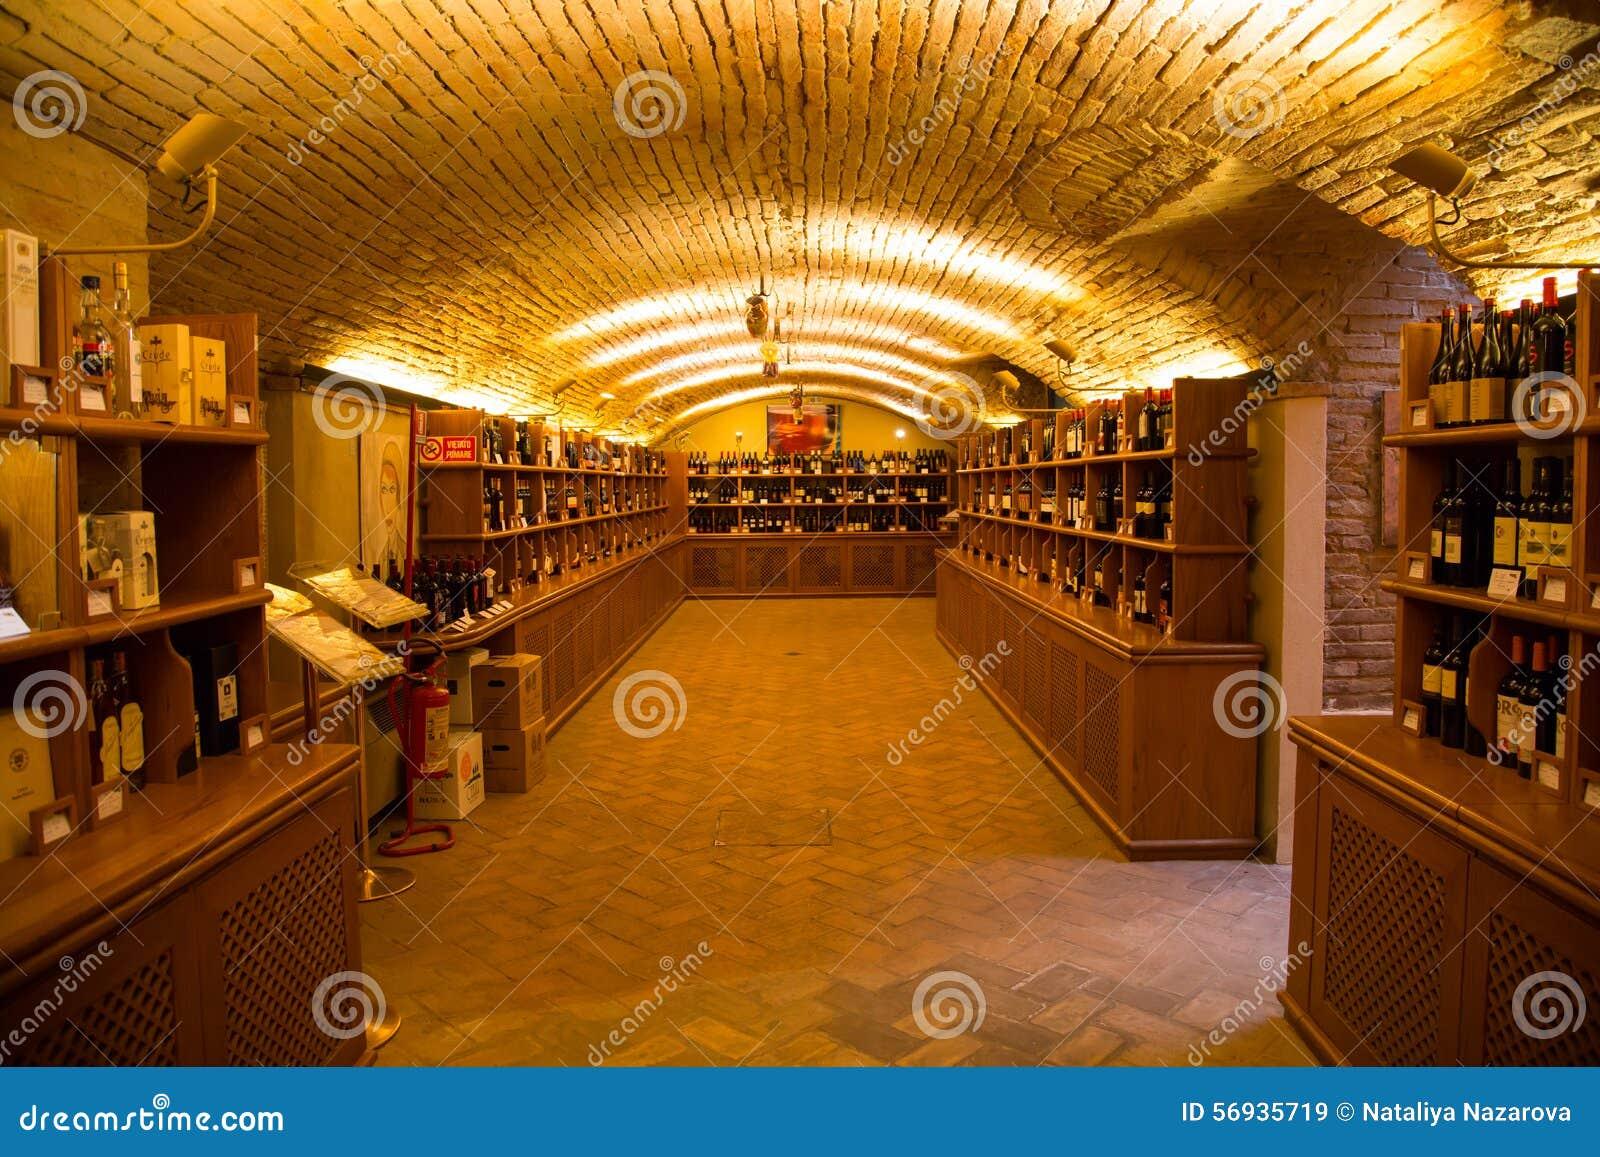 wijnkelder italiaanse wijnflessen authentieke wijnoogst winkel afbeelding